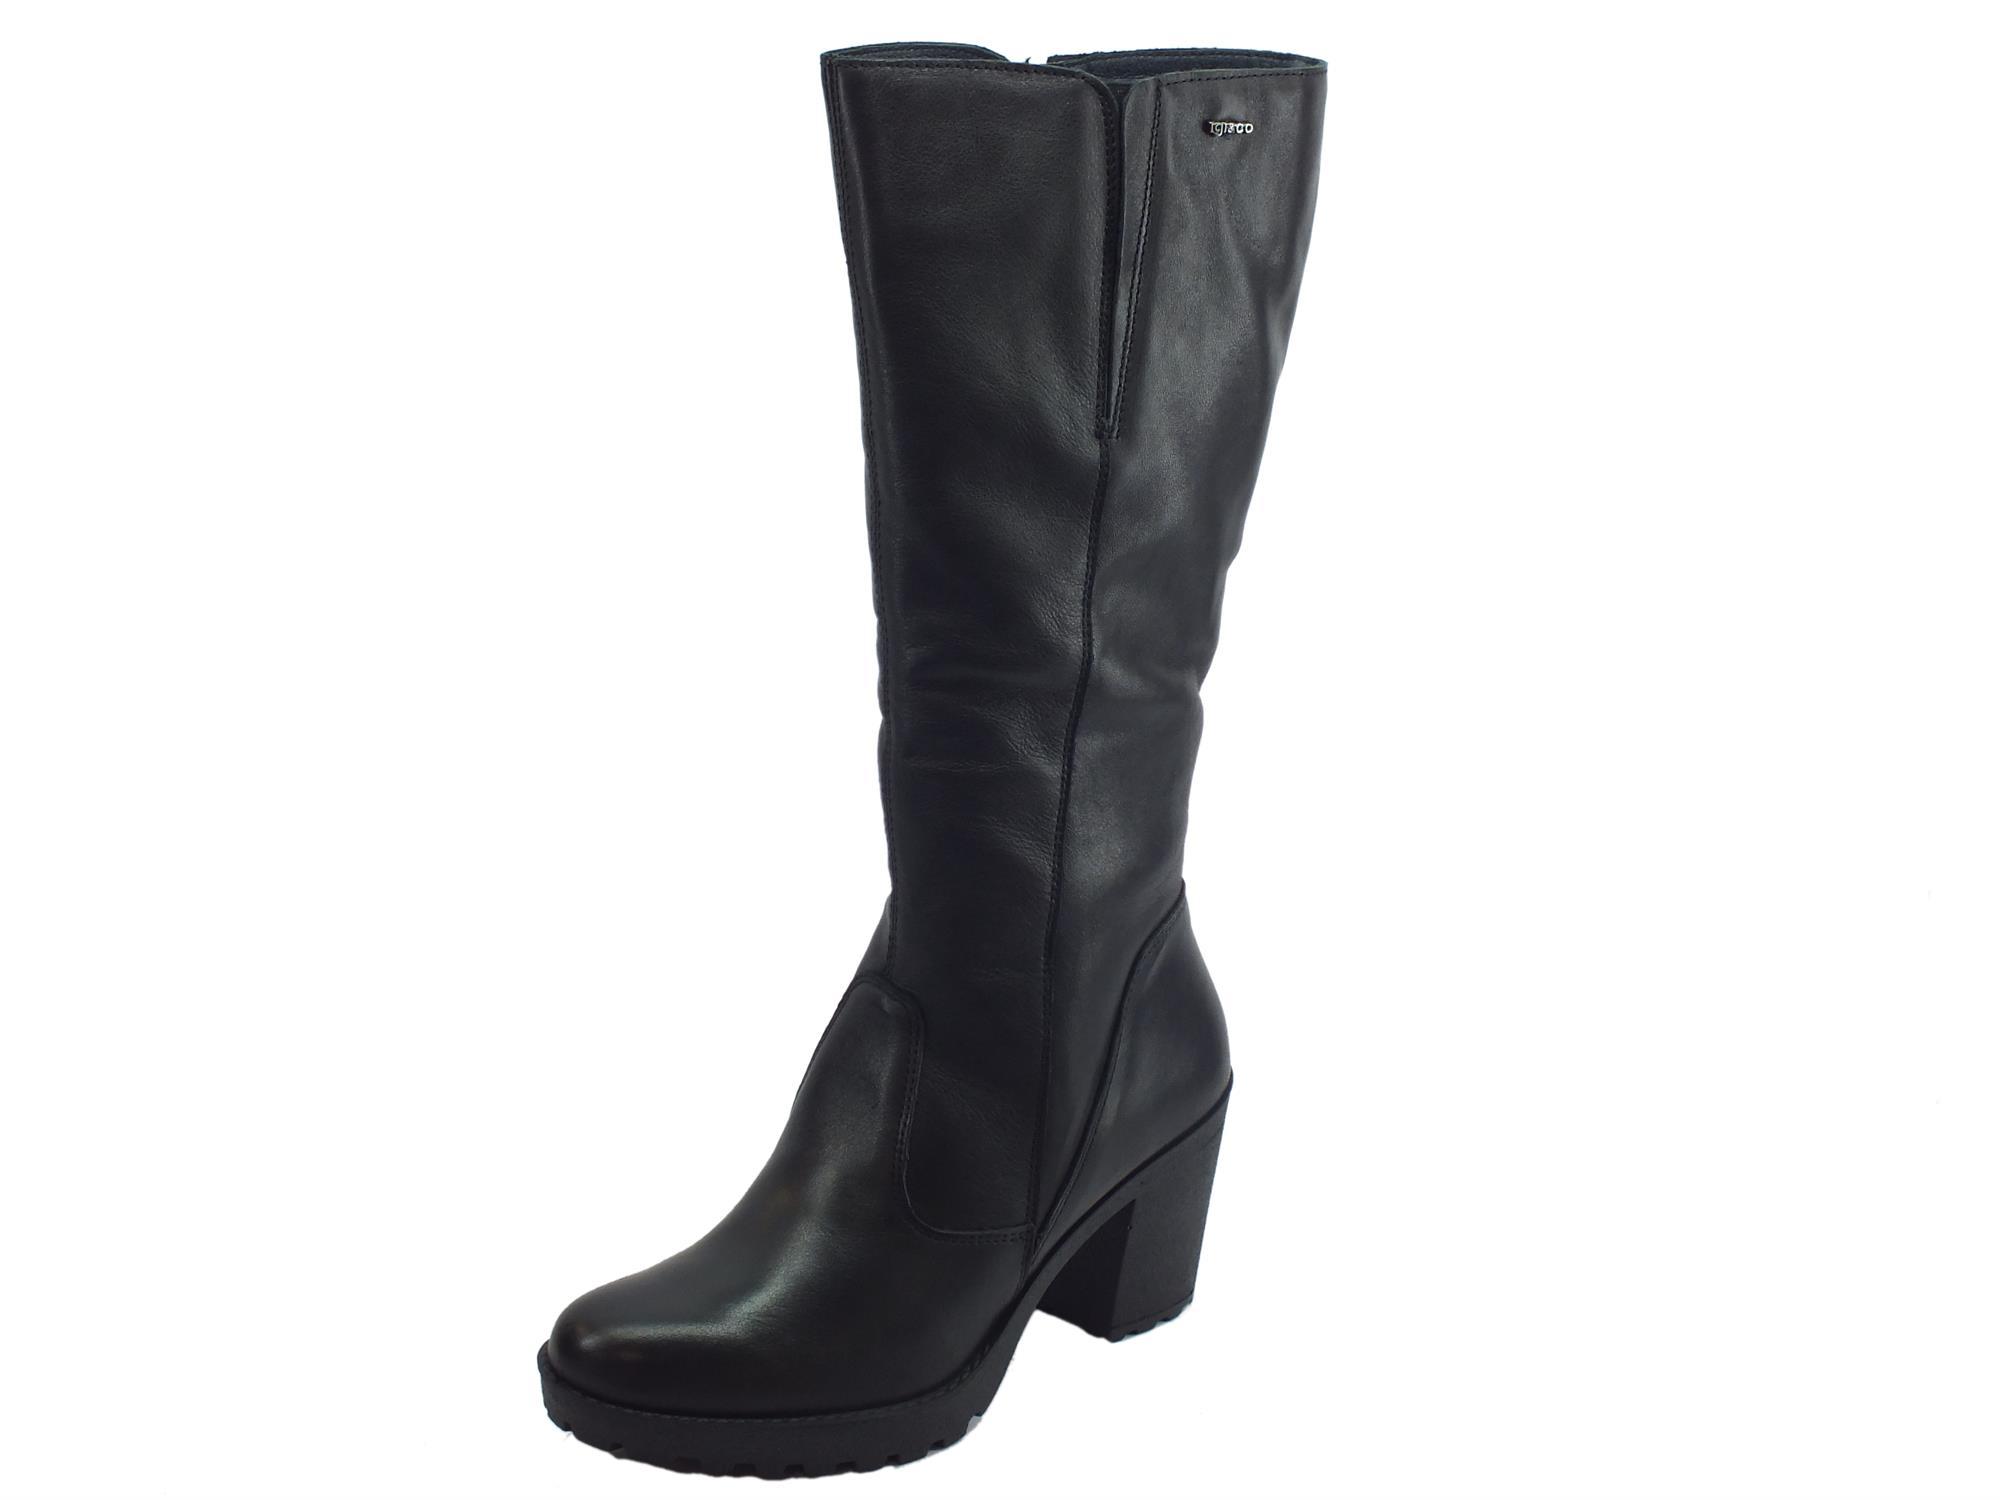 f7f675fb1acbf3 Stivali donna Igi&Co pelle nera tacco alto - Vitiello Calzature